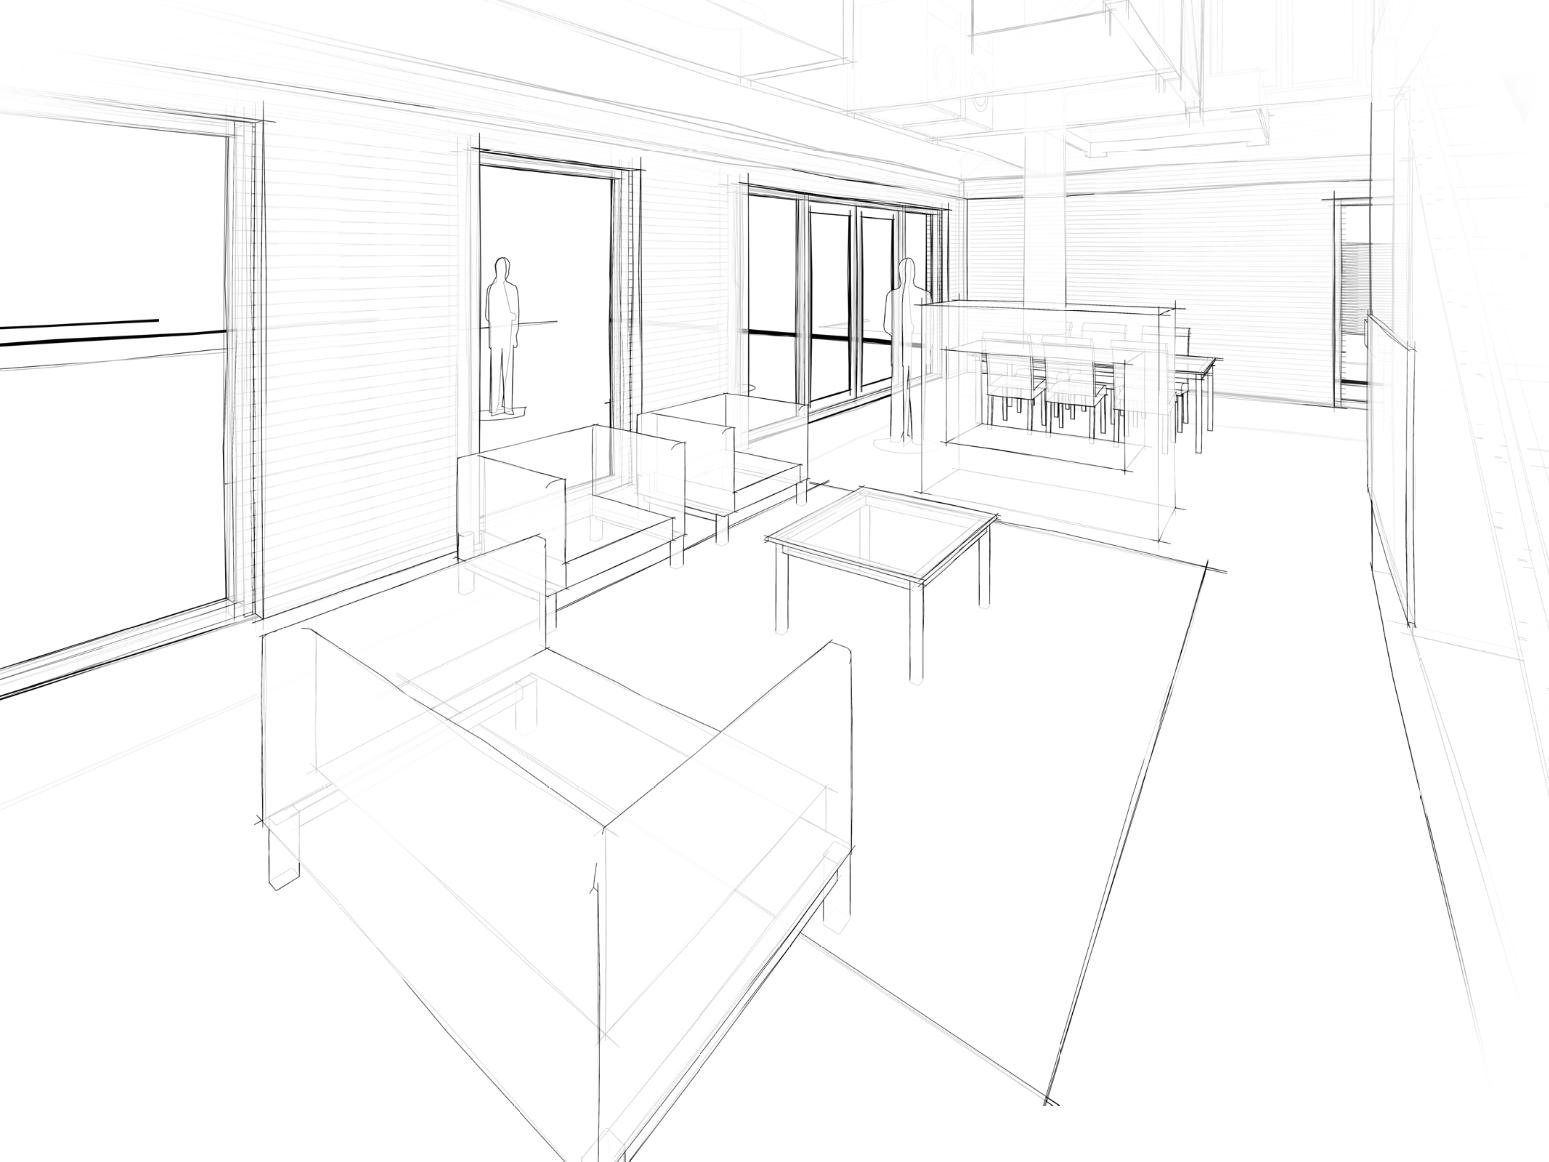 schuurwoning-donker-met-dakpannen-en-dakkapel-twello-van-oord-architectuur-en-design-wenum-wiesel-architect-voorst-architect-apeldoorn-3